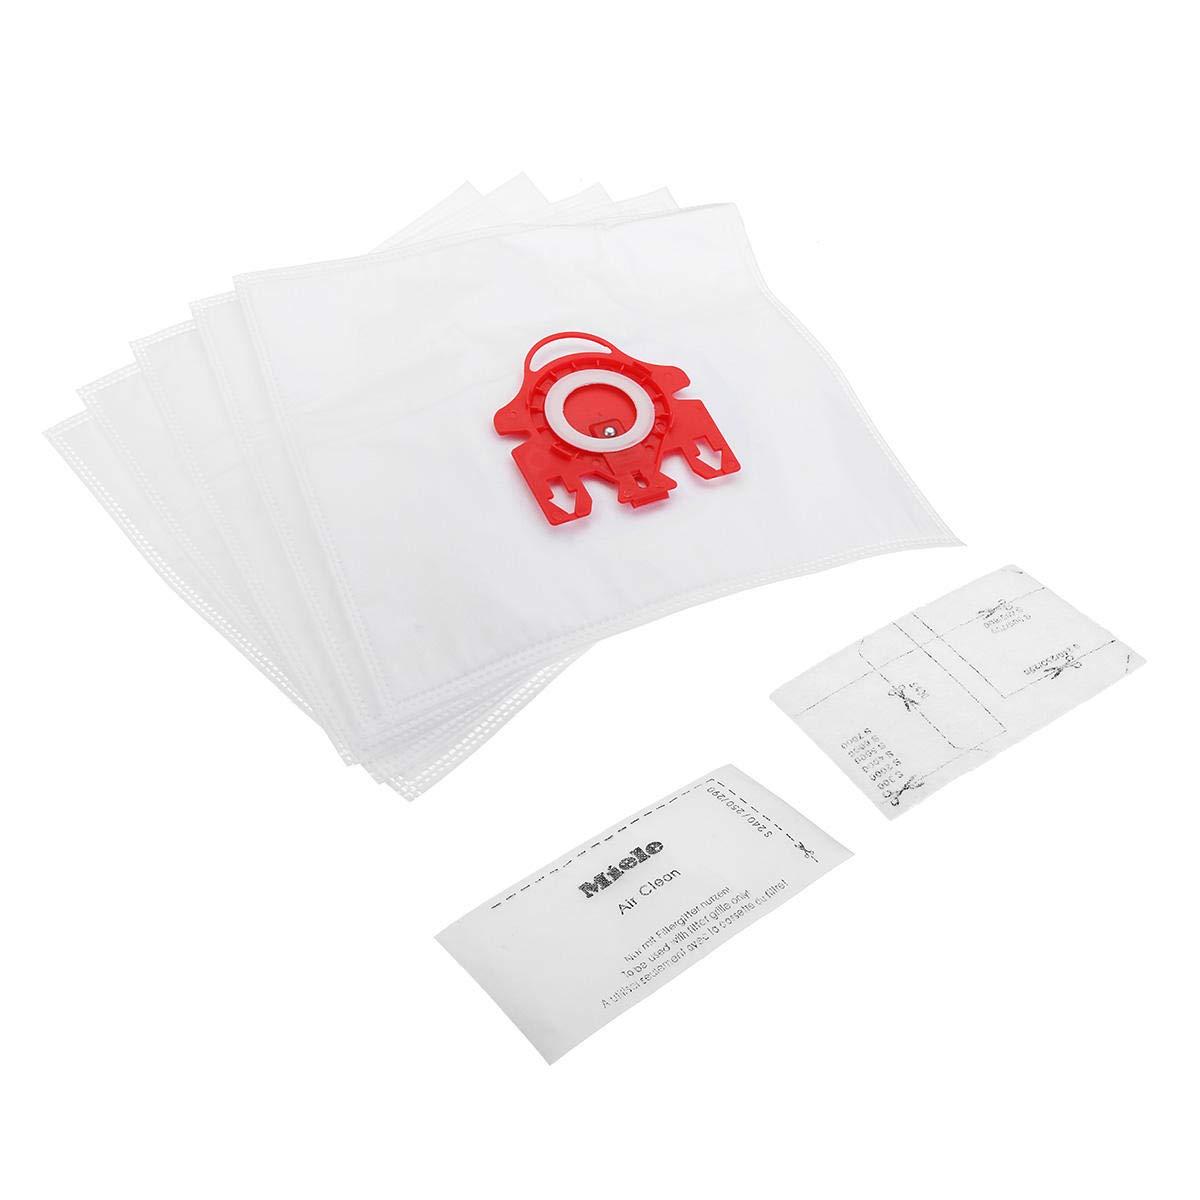 GIlH 5pcs bolsa de aspiradora con 2 Filtro para Miele FJM doble capa Aspirador: Amazon.es: Bricolaje y herramientas